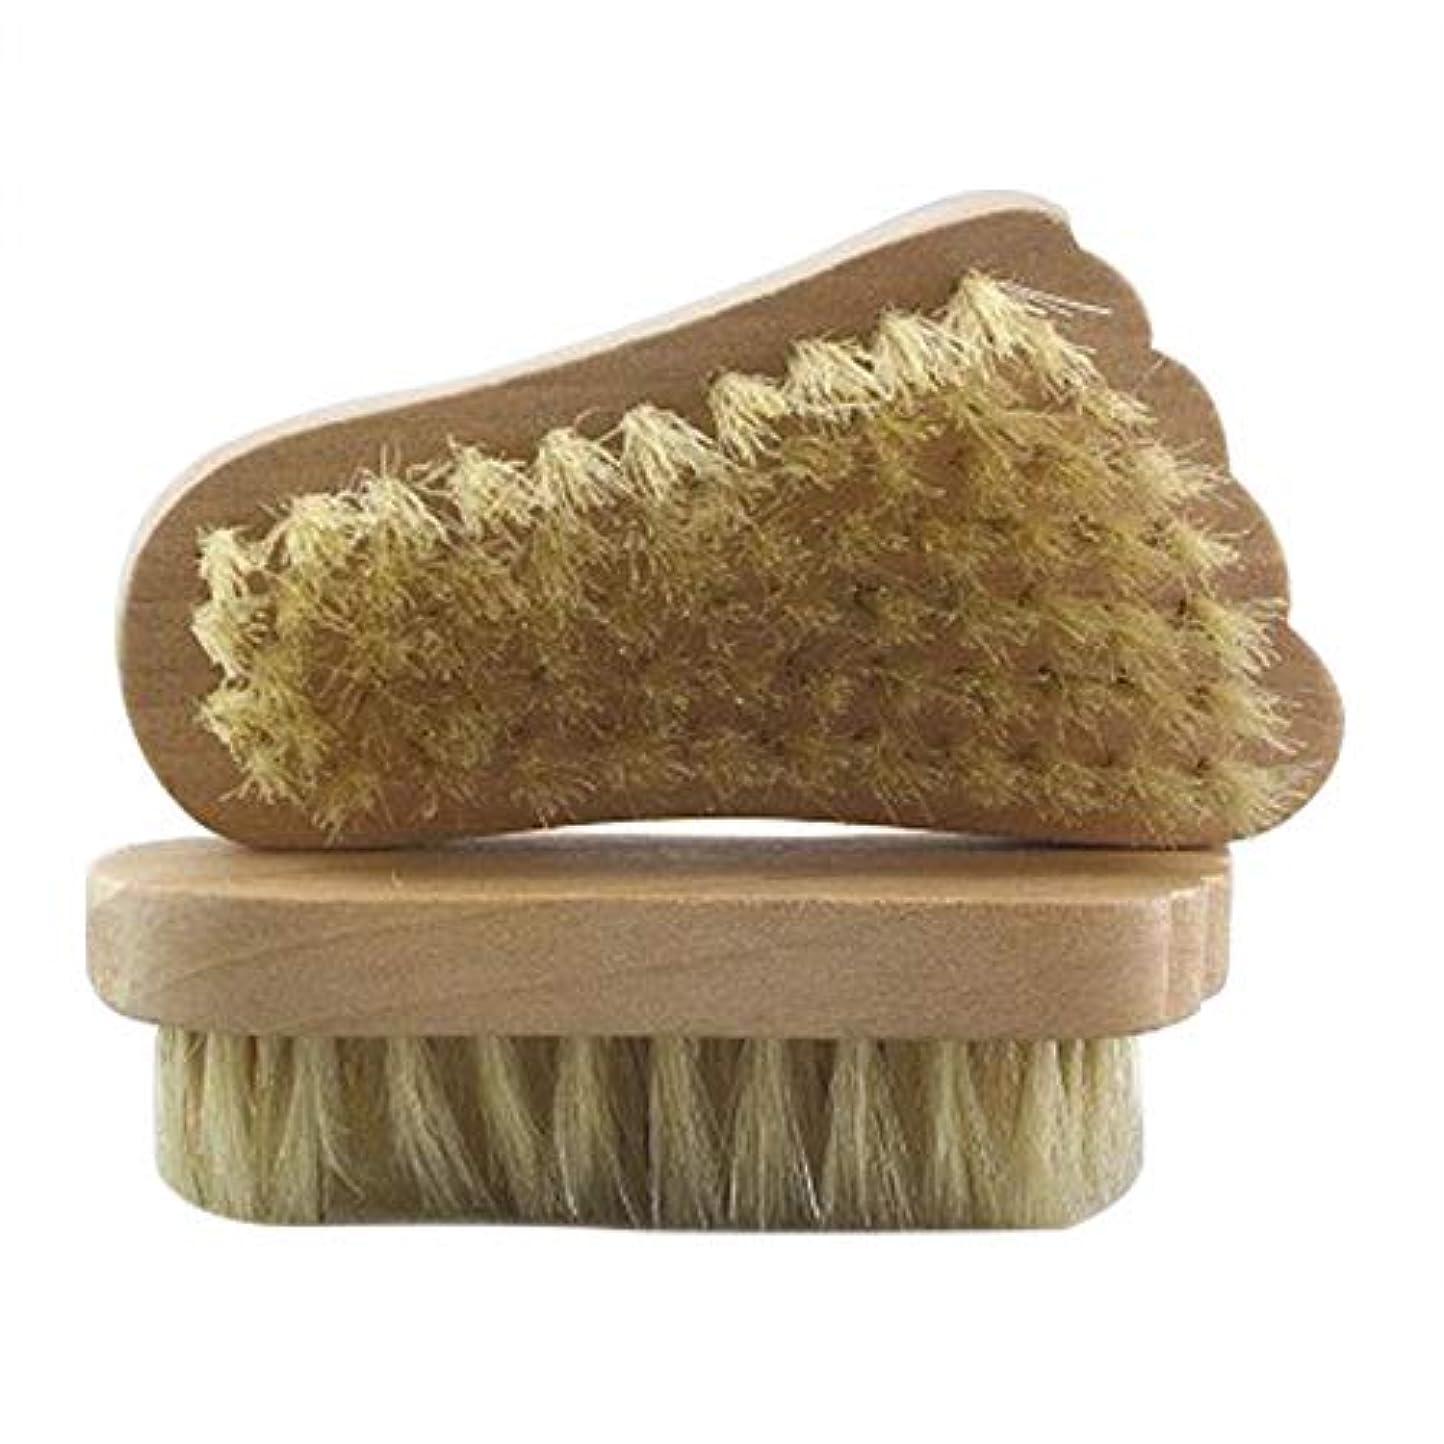 スティック一族ラバMaltose フットブラシ 豚毛 フットグルーマー 足ブラシ 足の裏ブラシ 足爪ブラシ 角質除去 2個セット